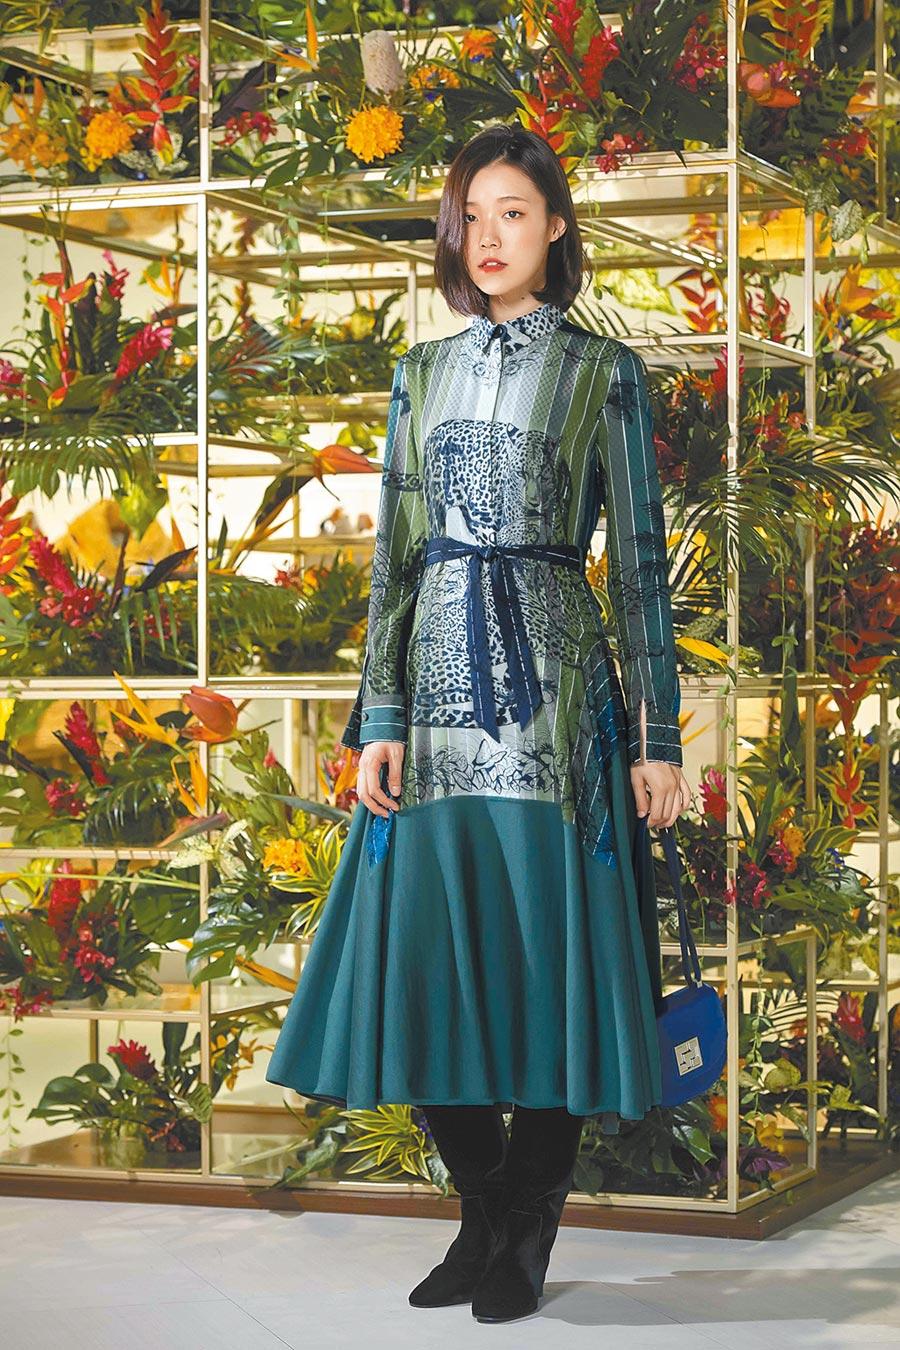 愛馬仕結合絲巾與針織兩種材質,洋裝使用5條90公分的印花絲巾細緻接合縫製。維羅納綠Jungle Love Rainbow圖紋印花襯衫式Twillaine連身洋裝26萬7500元。(HERMES提供)